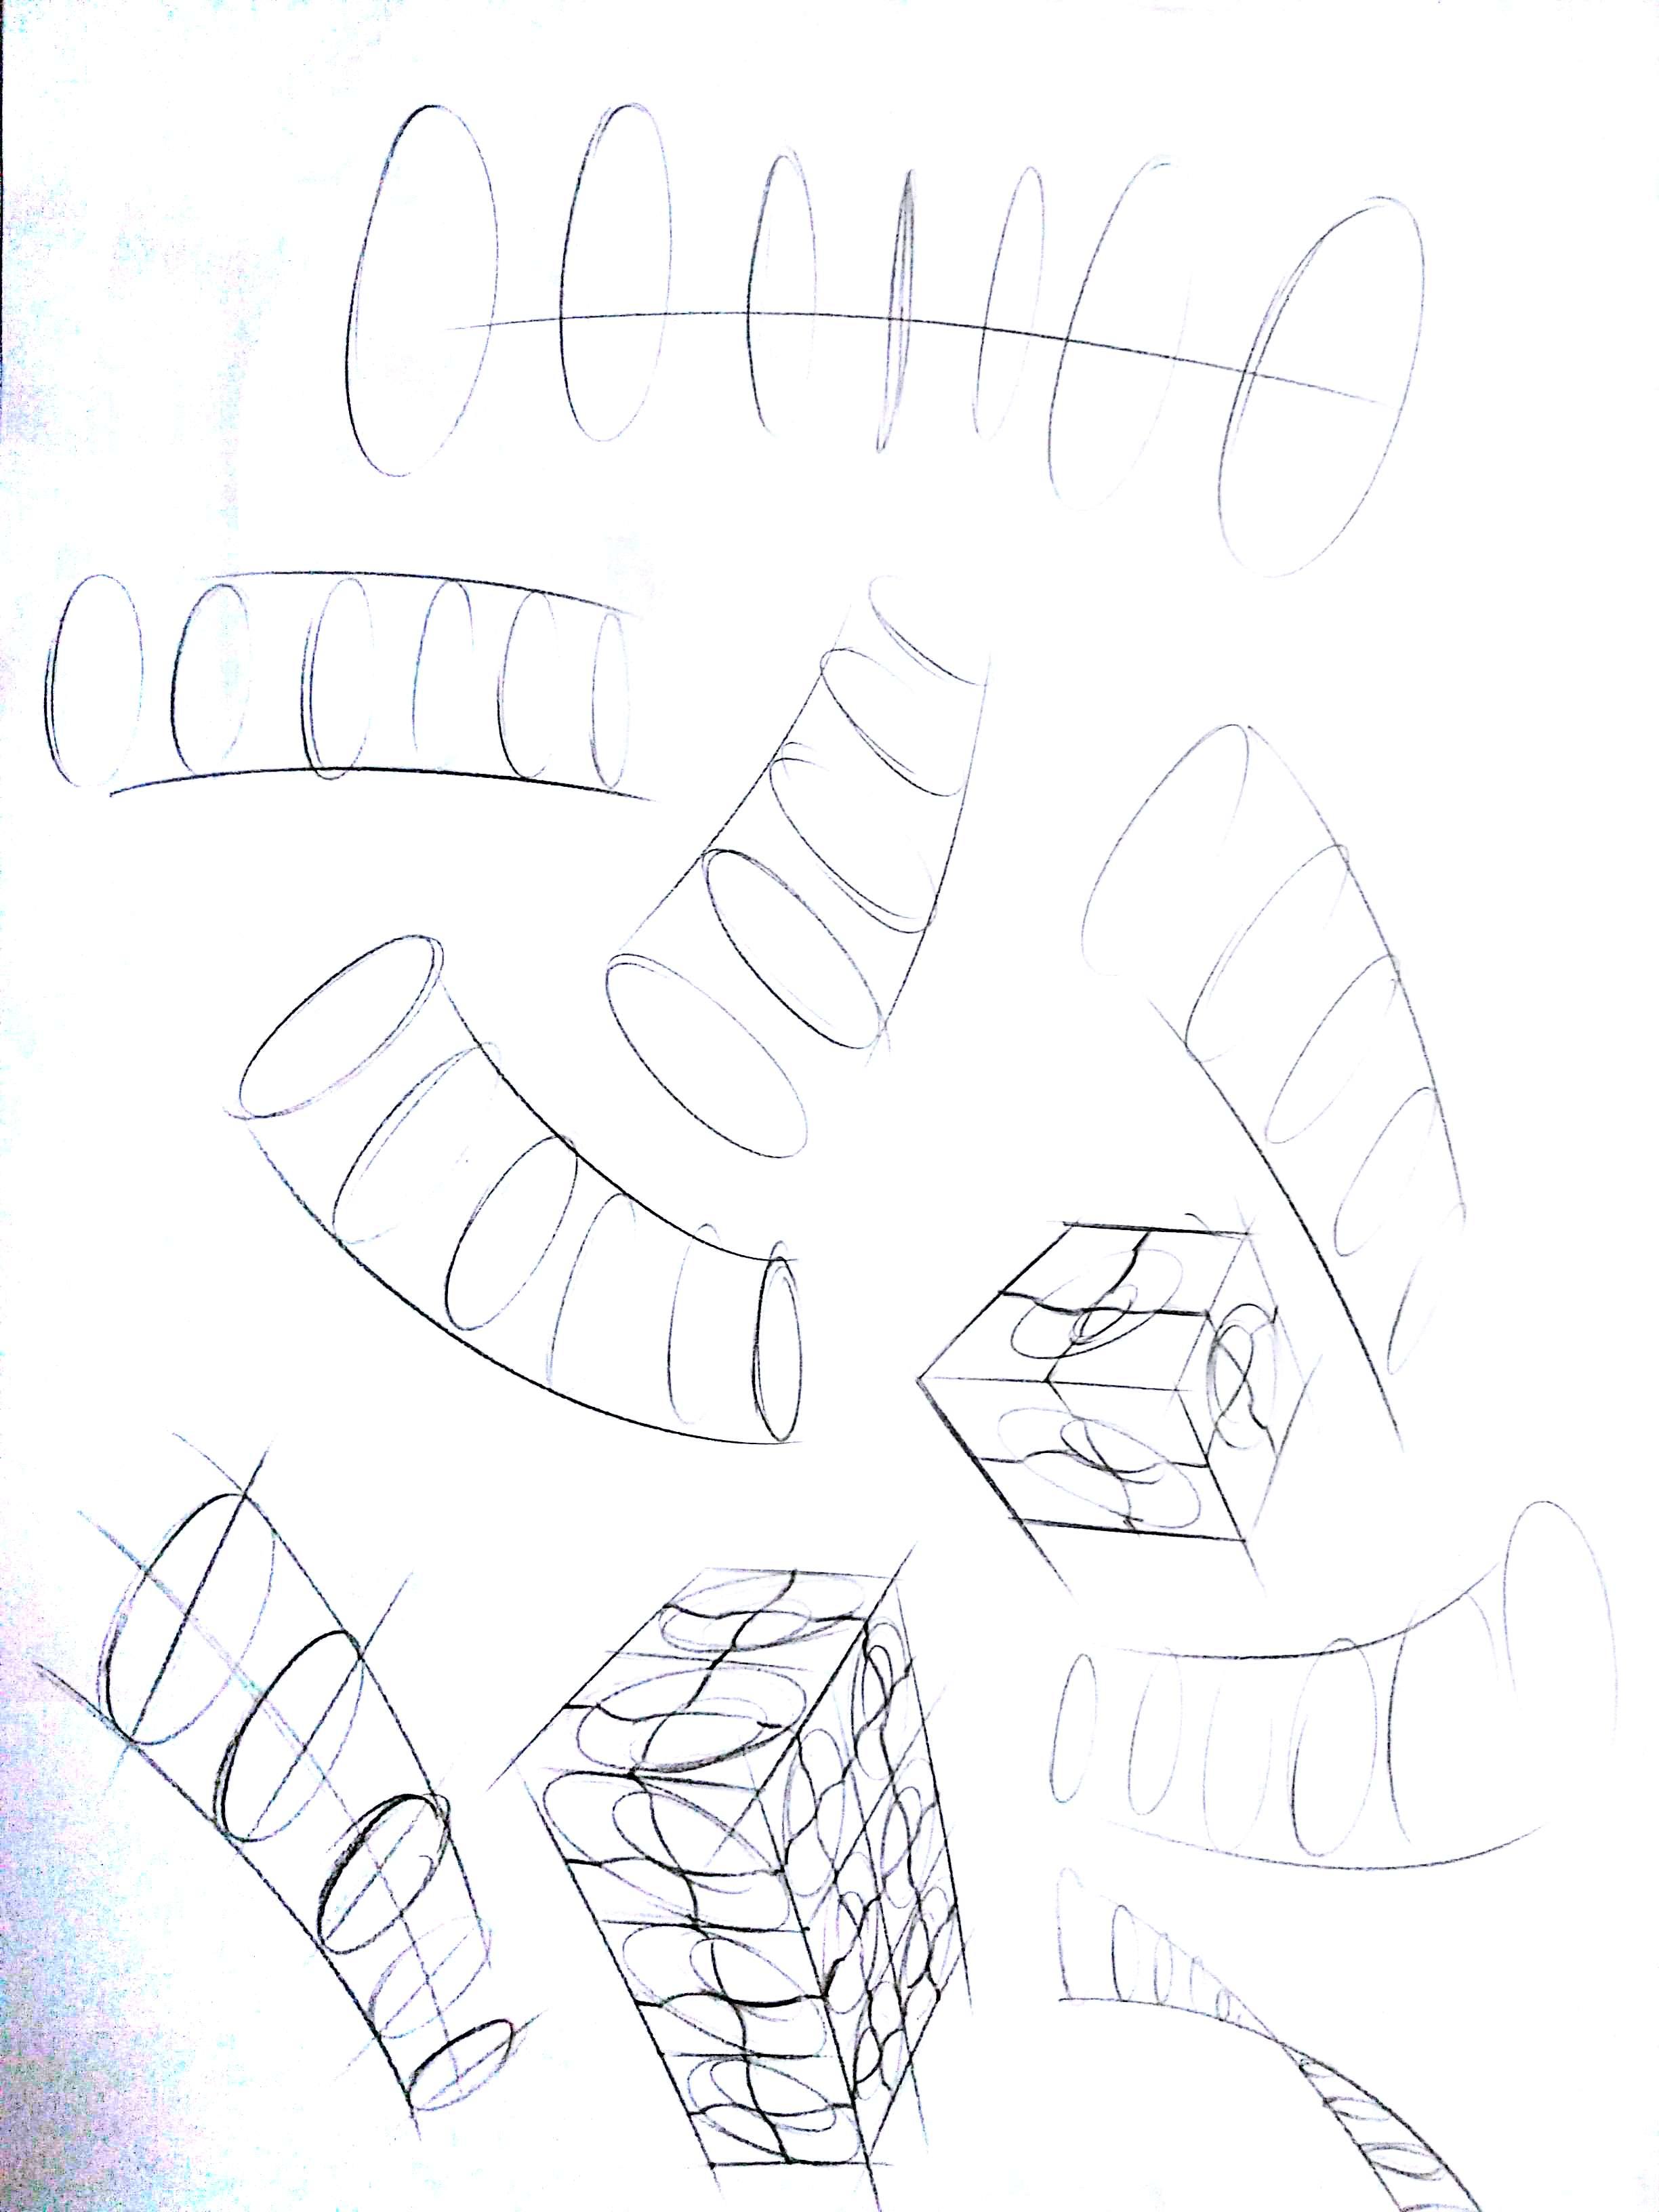 手绘集训-旋转体 方套圆 16.0|工业/产品|生活用品|林